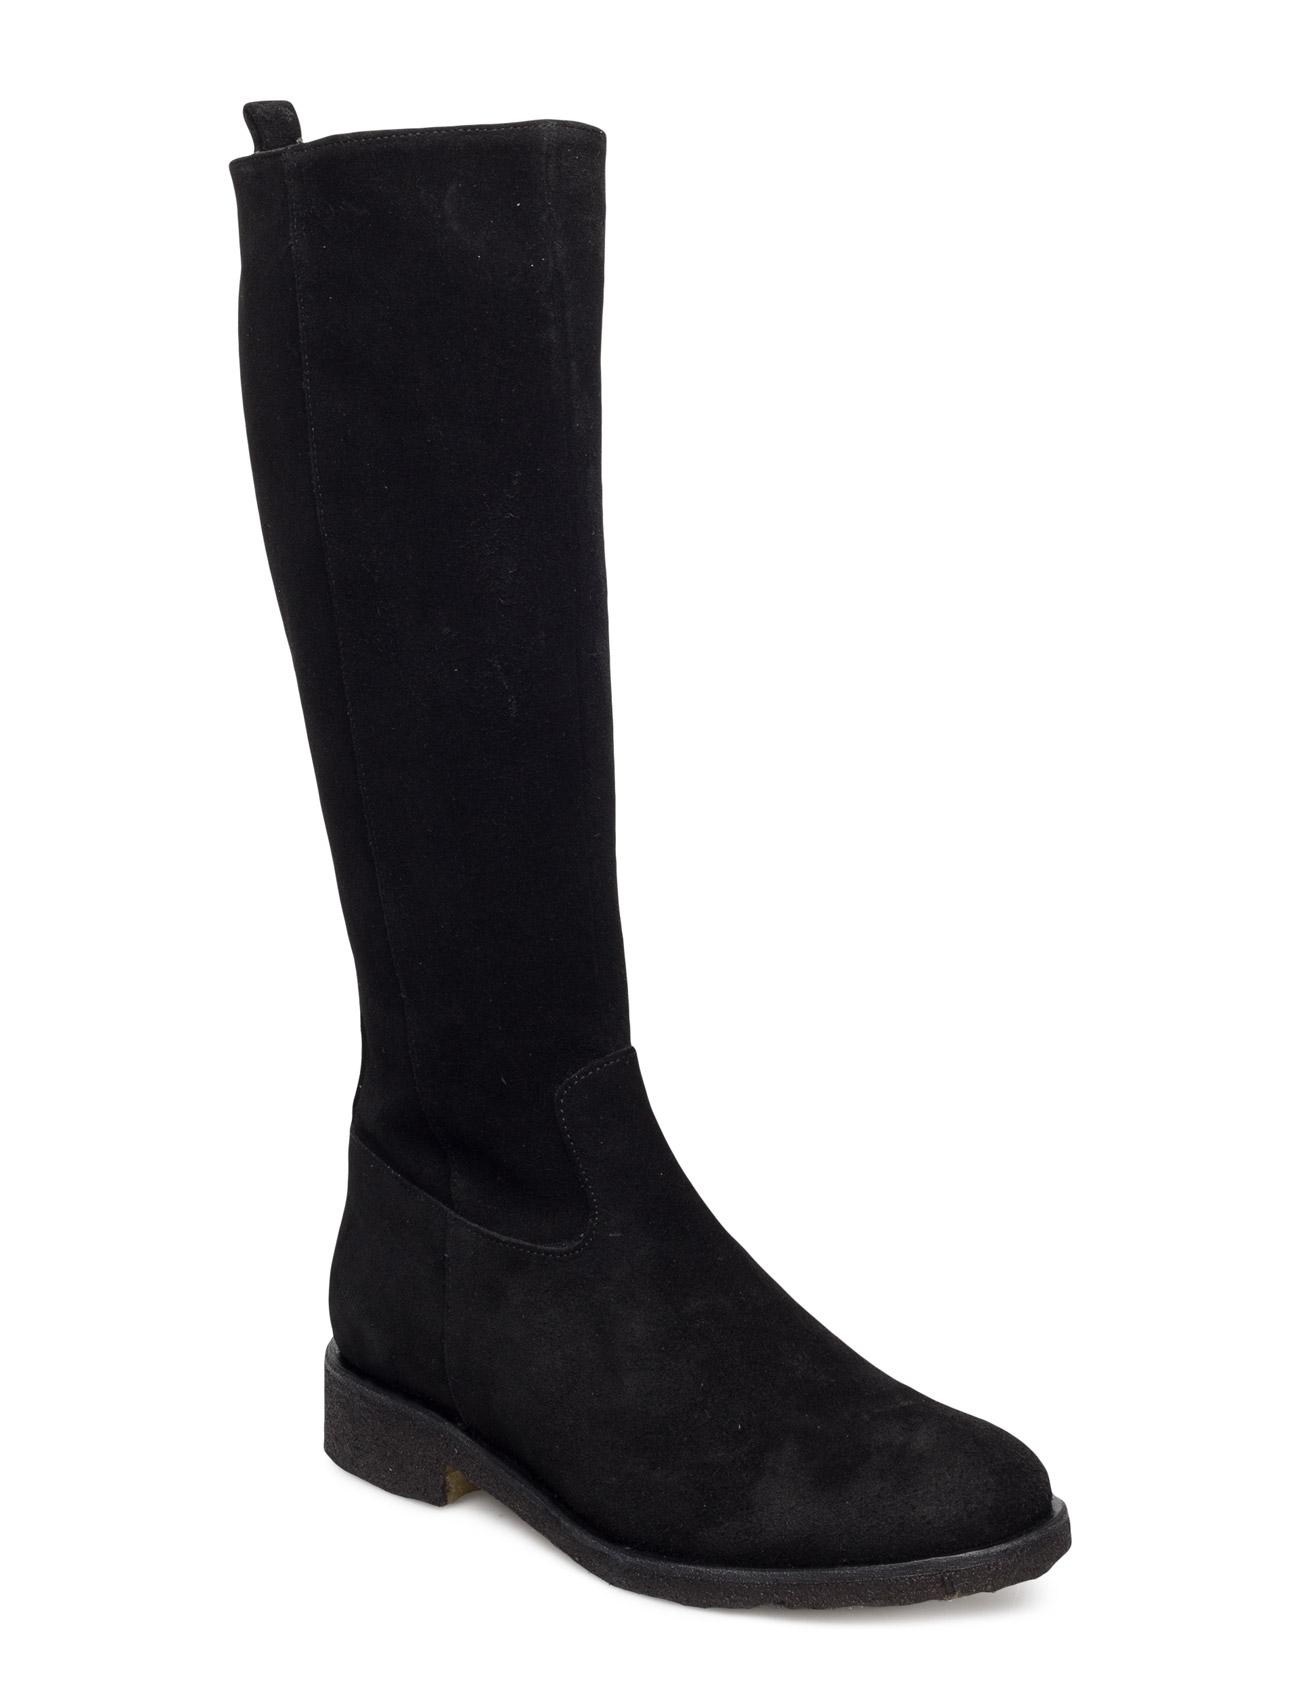 Long Boot ANGULUS Støvler til Damer i Sort